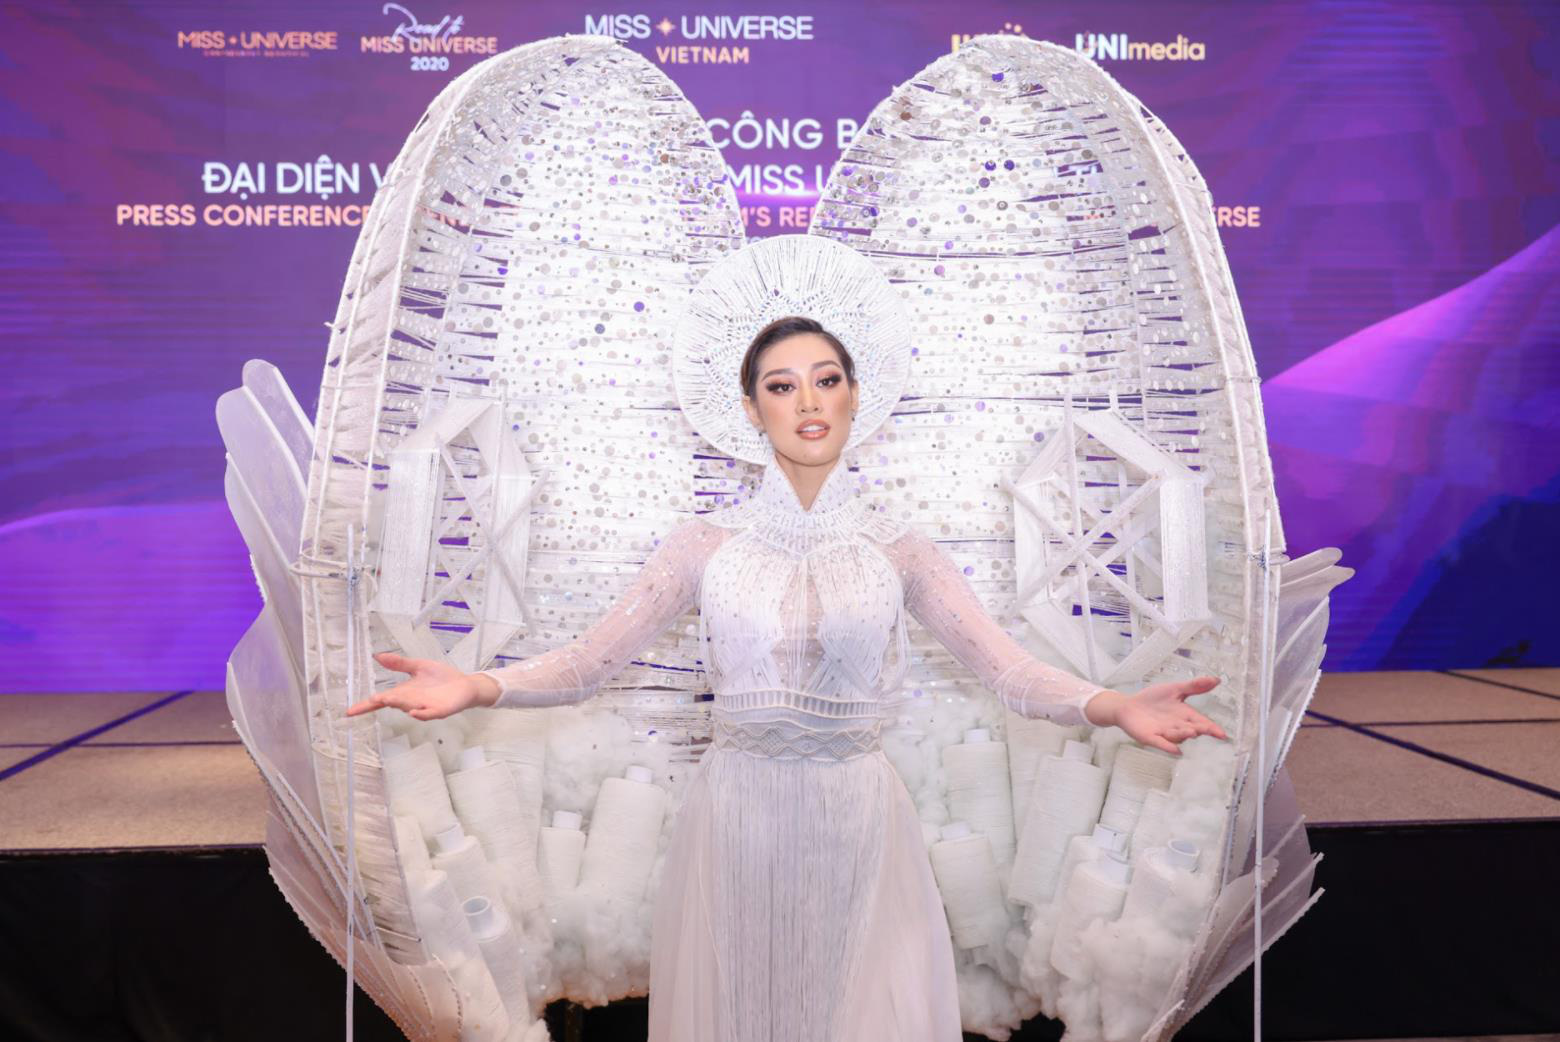 Khánh Vân tự tin, sẵn sàng cho hành trình sắp tới tại Miss Universe 2020 - Ảnh 4.